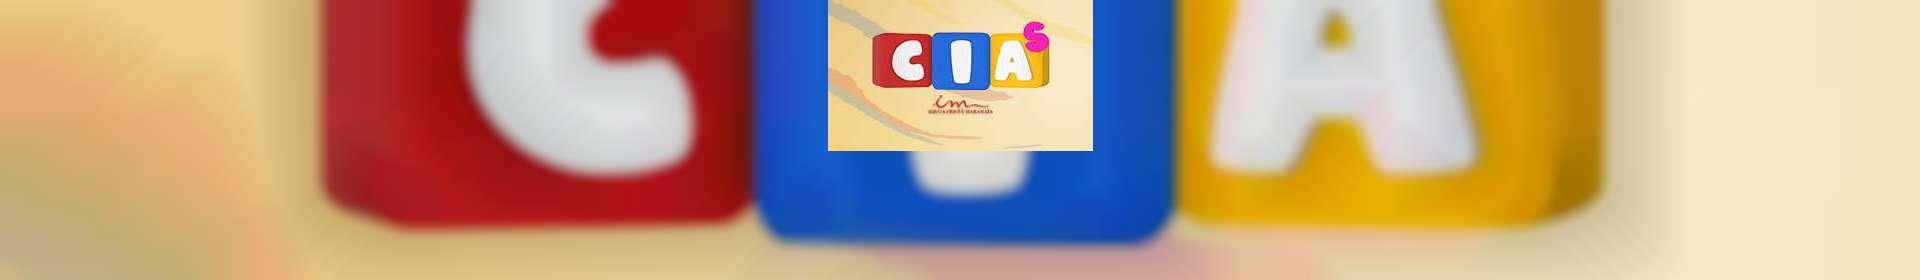 Aula de CIAS: classe de 11 a 15 anos - 10 de setembro de 2020